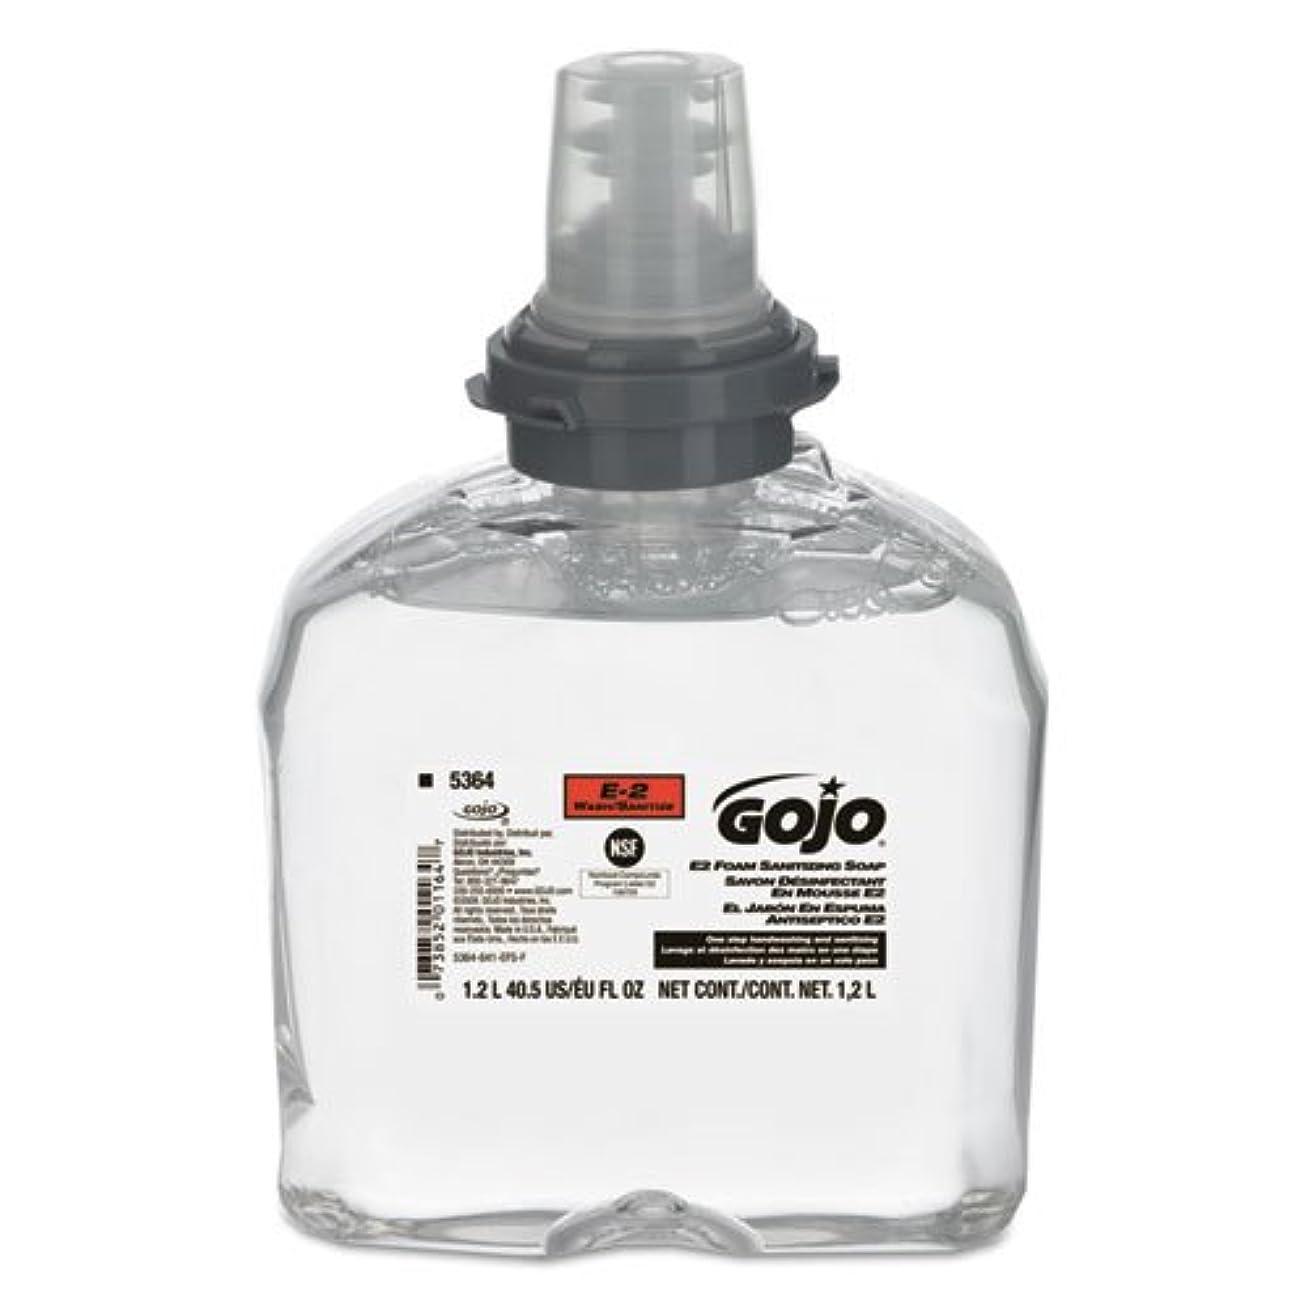 ラベリード有益goj536402 – e2フォームSanitizing Soap、1200 mlリフィル